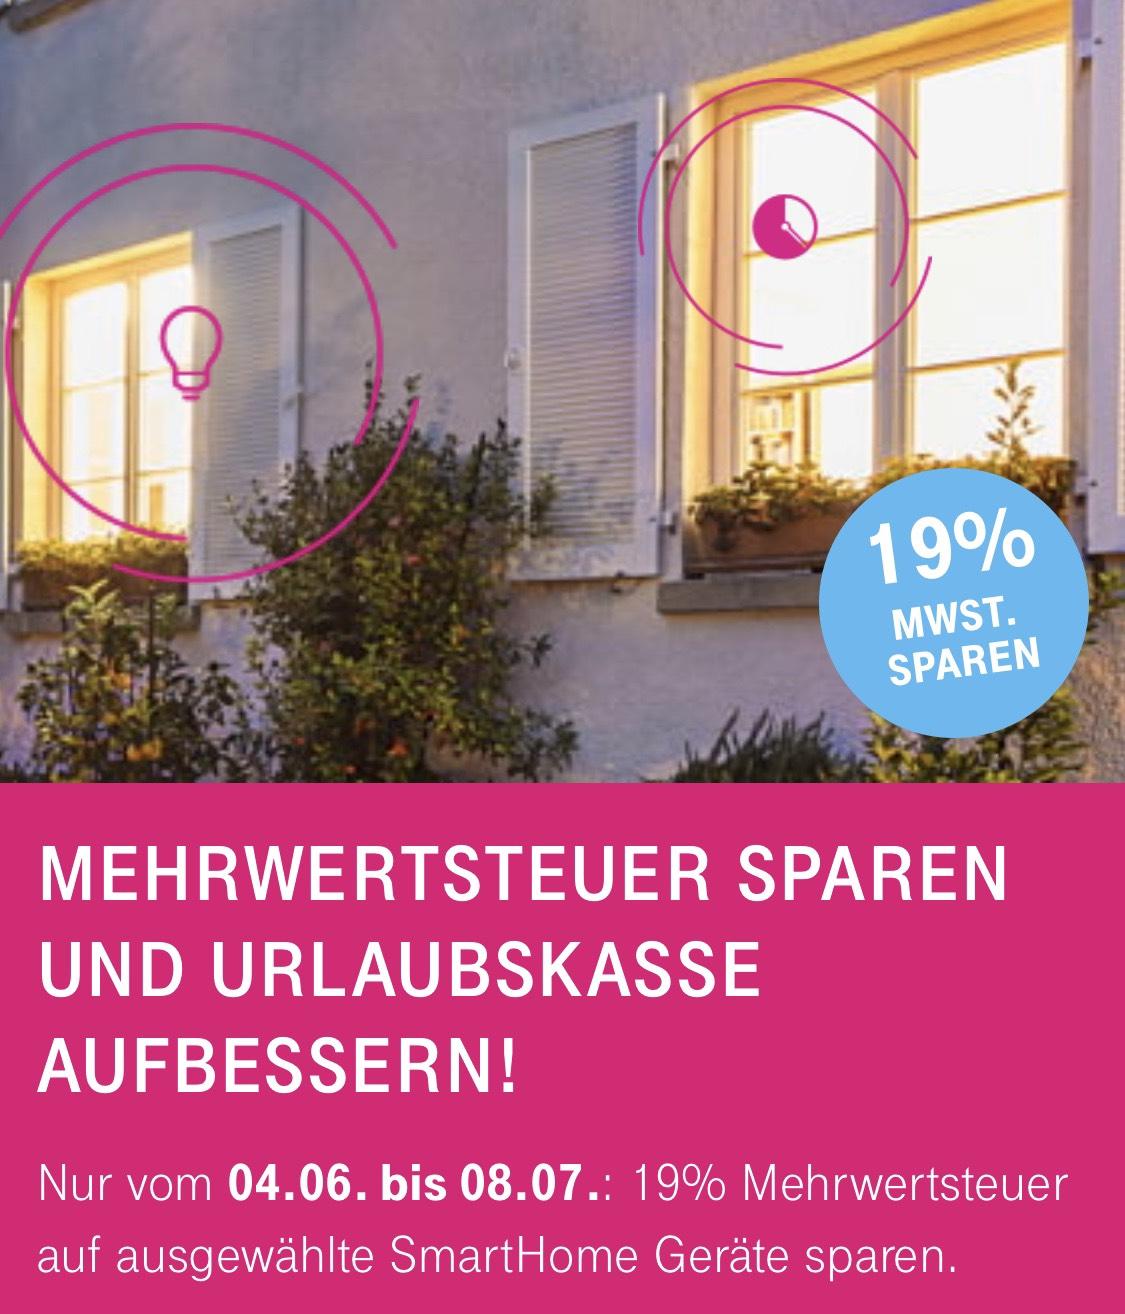 SmartHome Shop Telekom 19 % Geschenk und keine Versandkosten